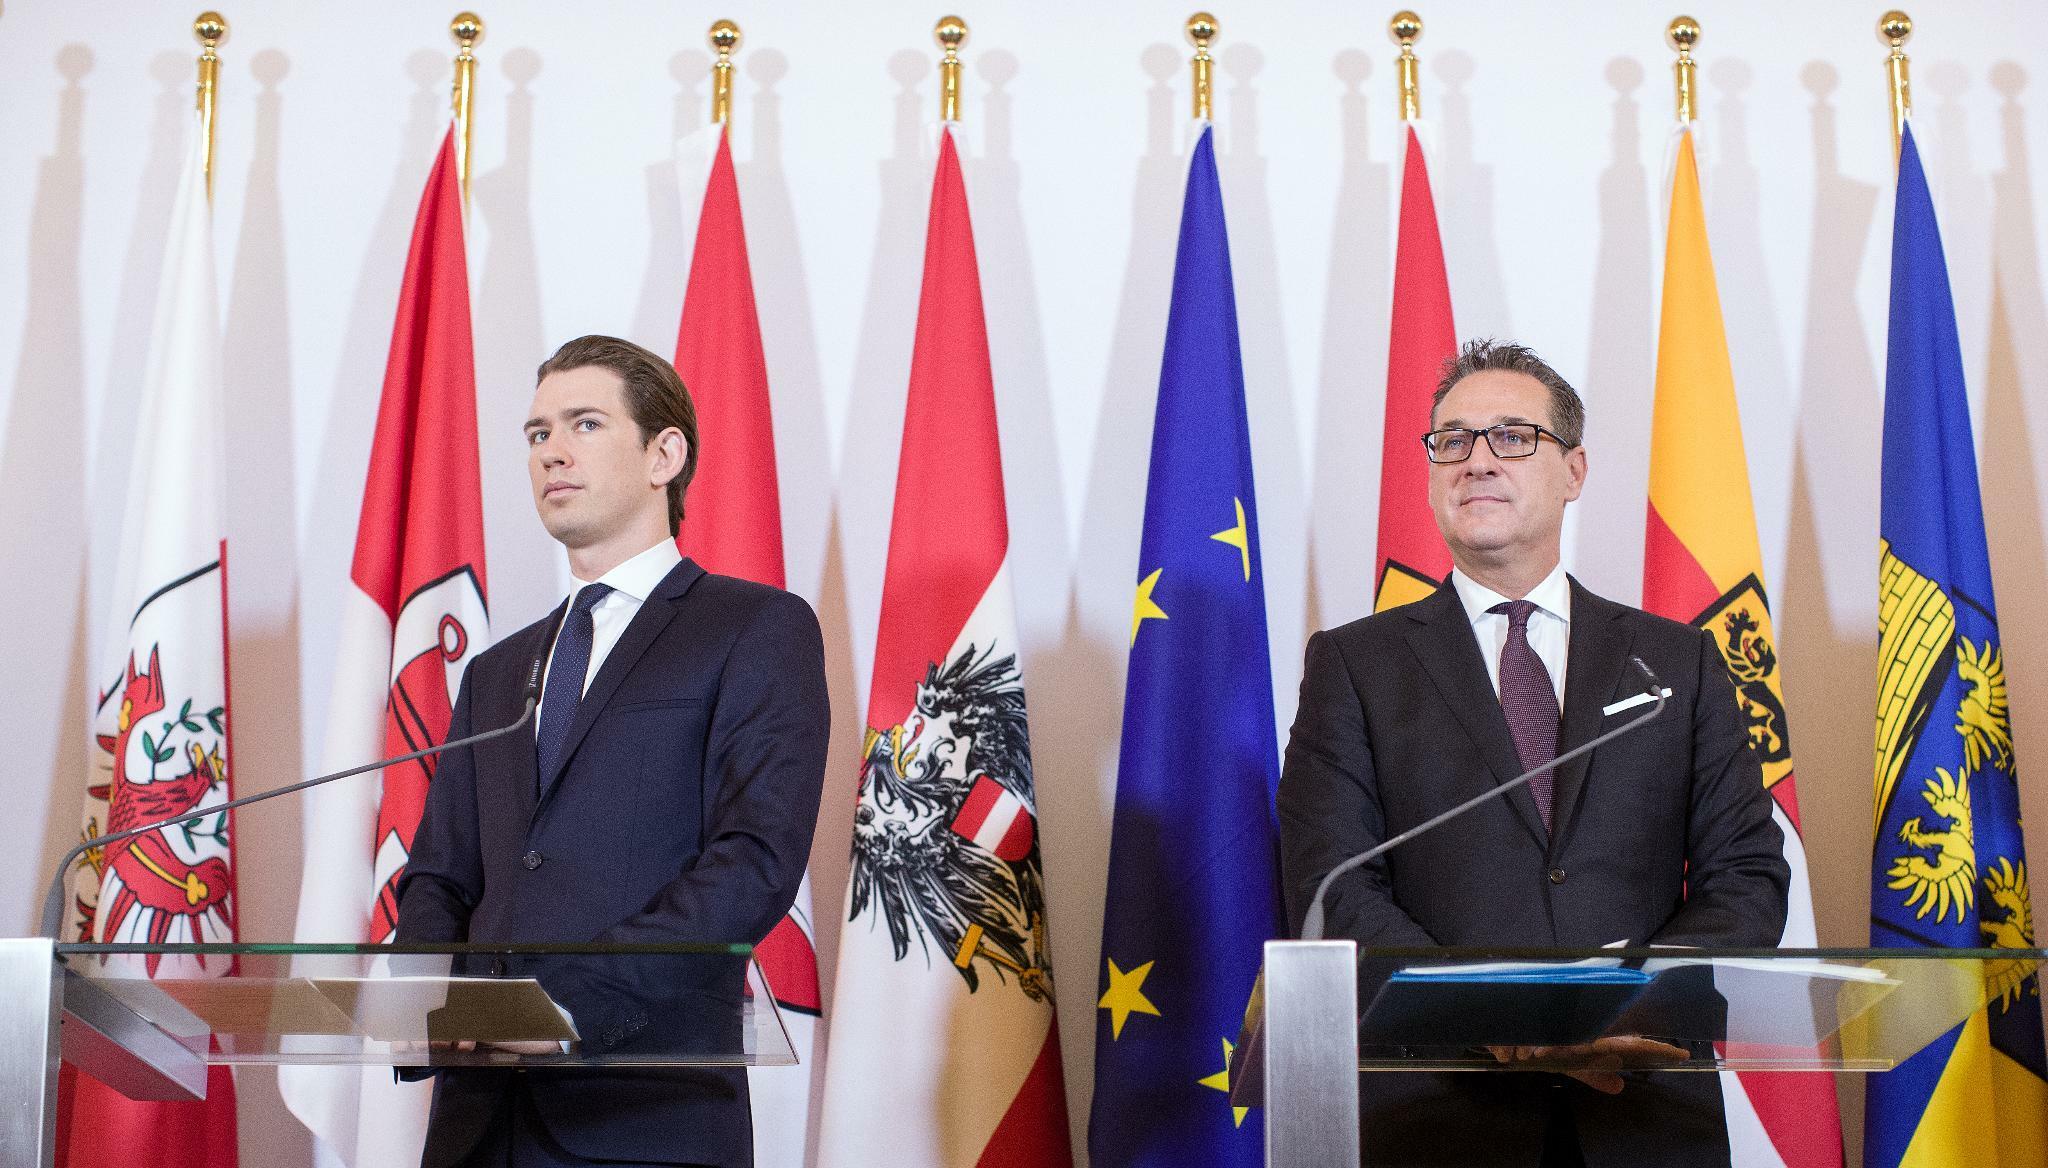 Österreich leidet 100 Tage später noch unter der Ibiza-Affäre